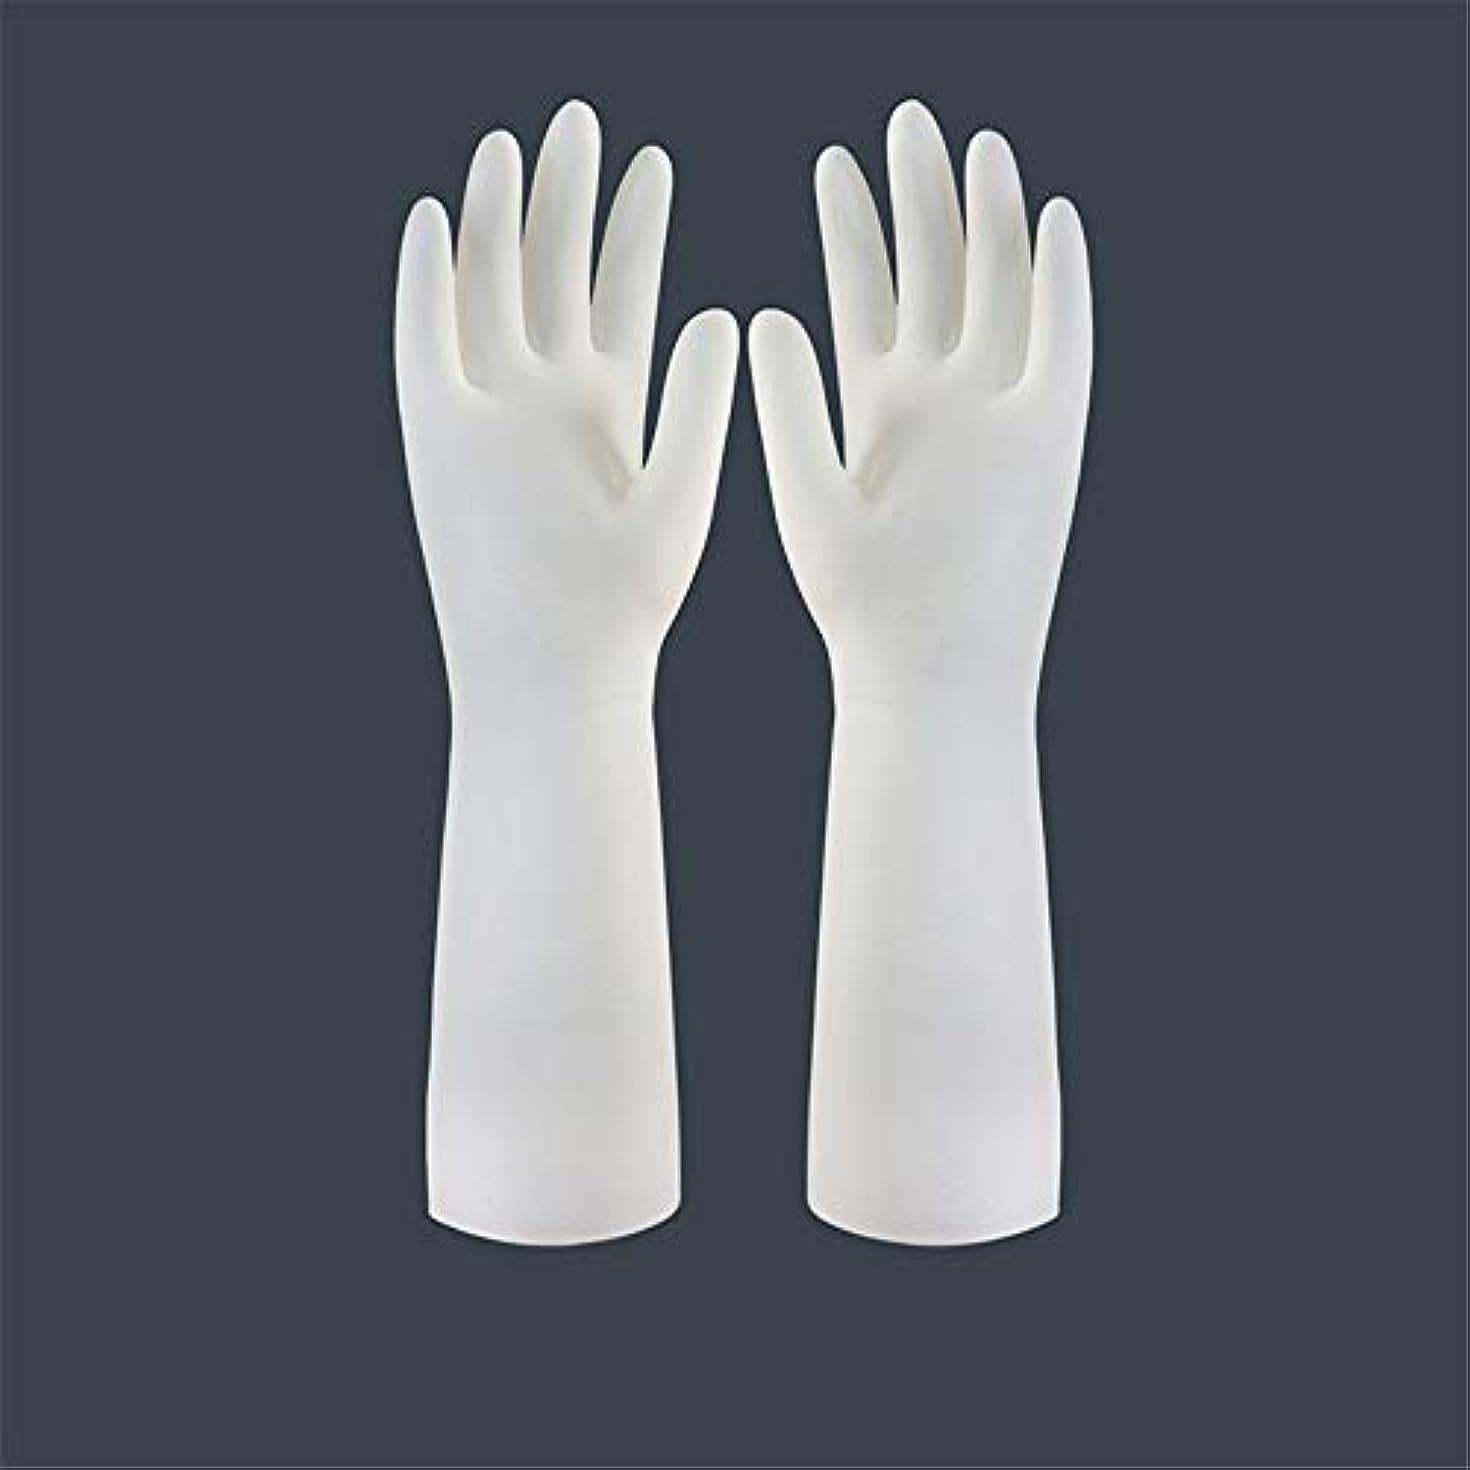 賞賛する割り当てるインストラクターBTXXYJP キッチン用手袋 手袋 食器洗い 作業 炊事 食器洗い 掃除 園芸 洗車 防水 防油 手袋 (Color : Long-1 pair, Size : L)